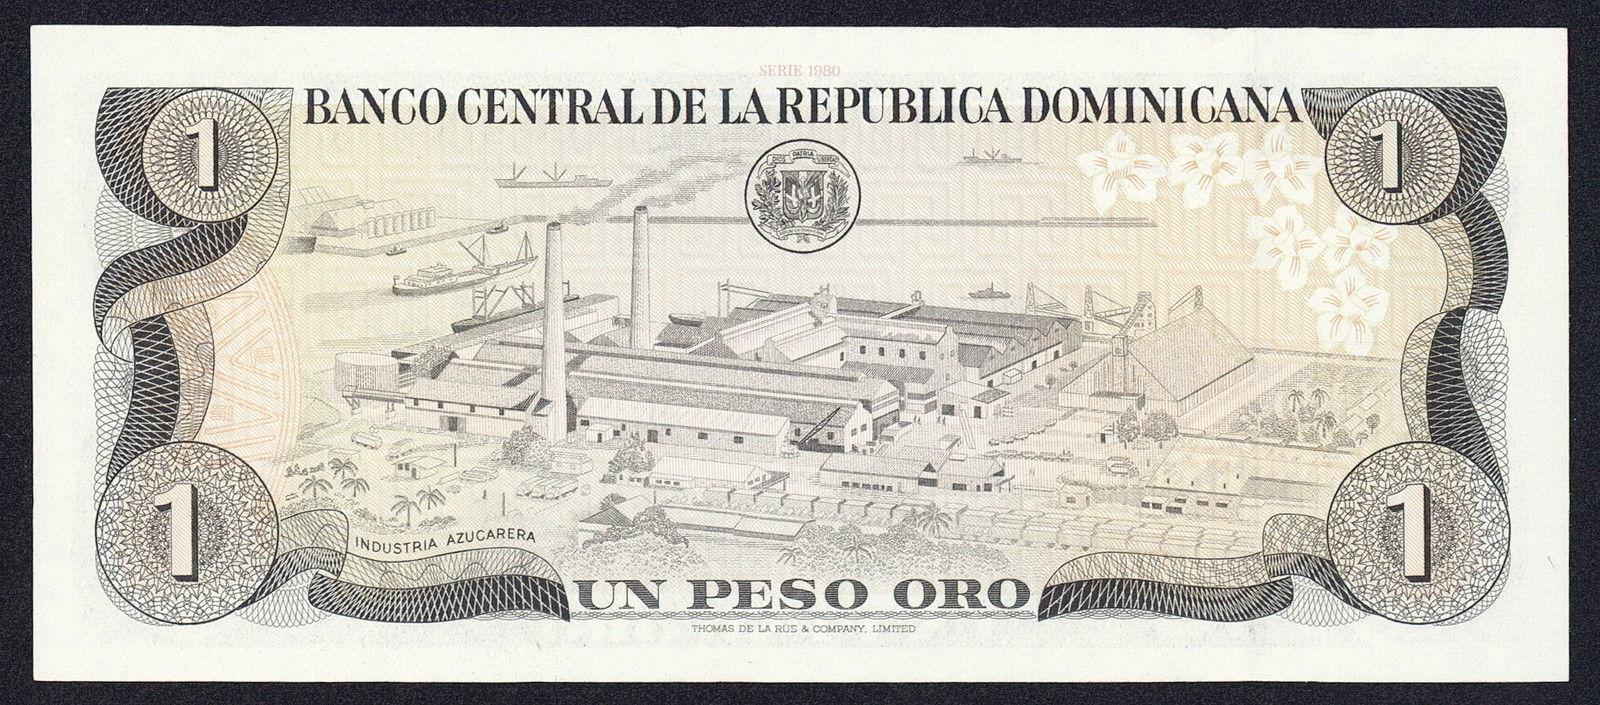 Dominican Republic 1 Peso Oro Banknote 1980 Juan Pablo